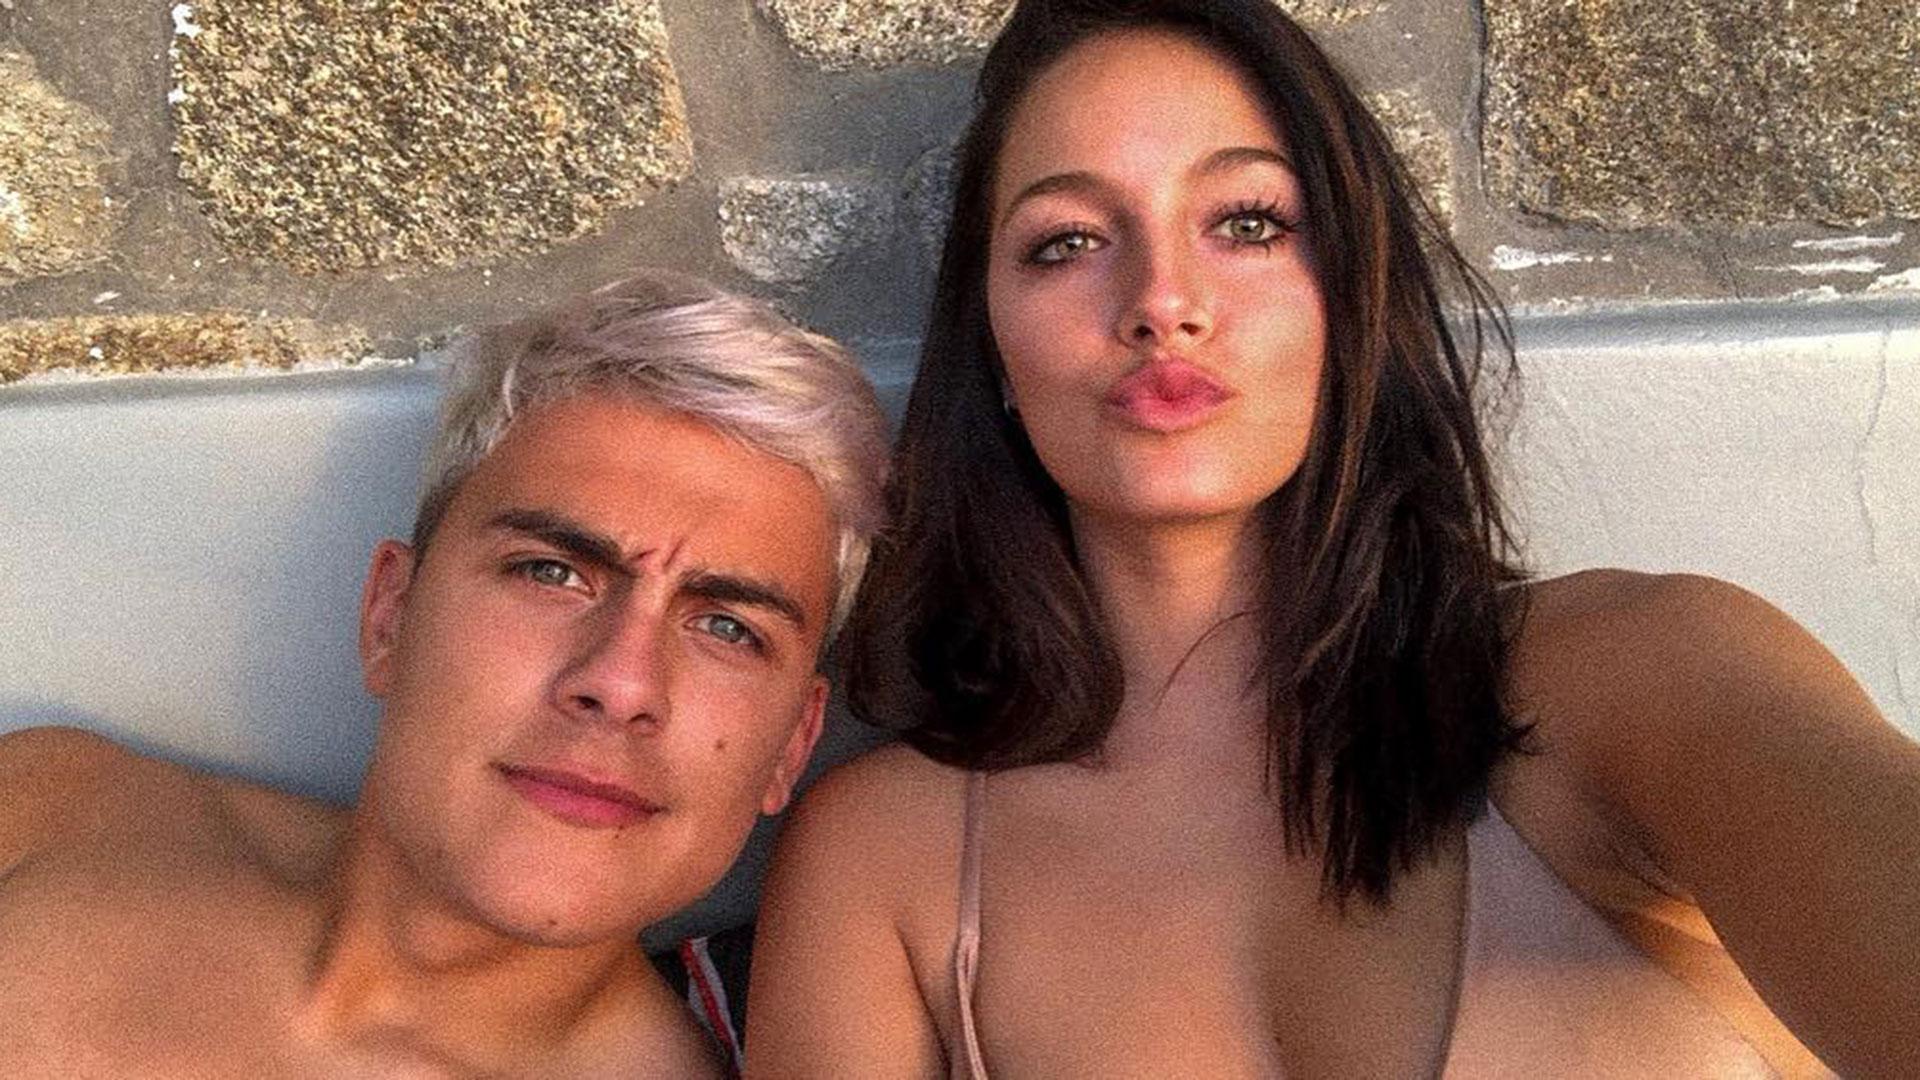 La primera selfie de Oriana Sabatini y Paulo Dybala. La cantante y el futbolista realizaron una escapada romántica a Grecia